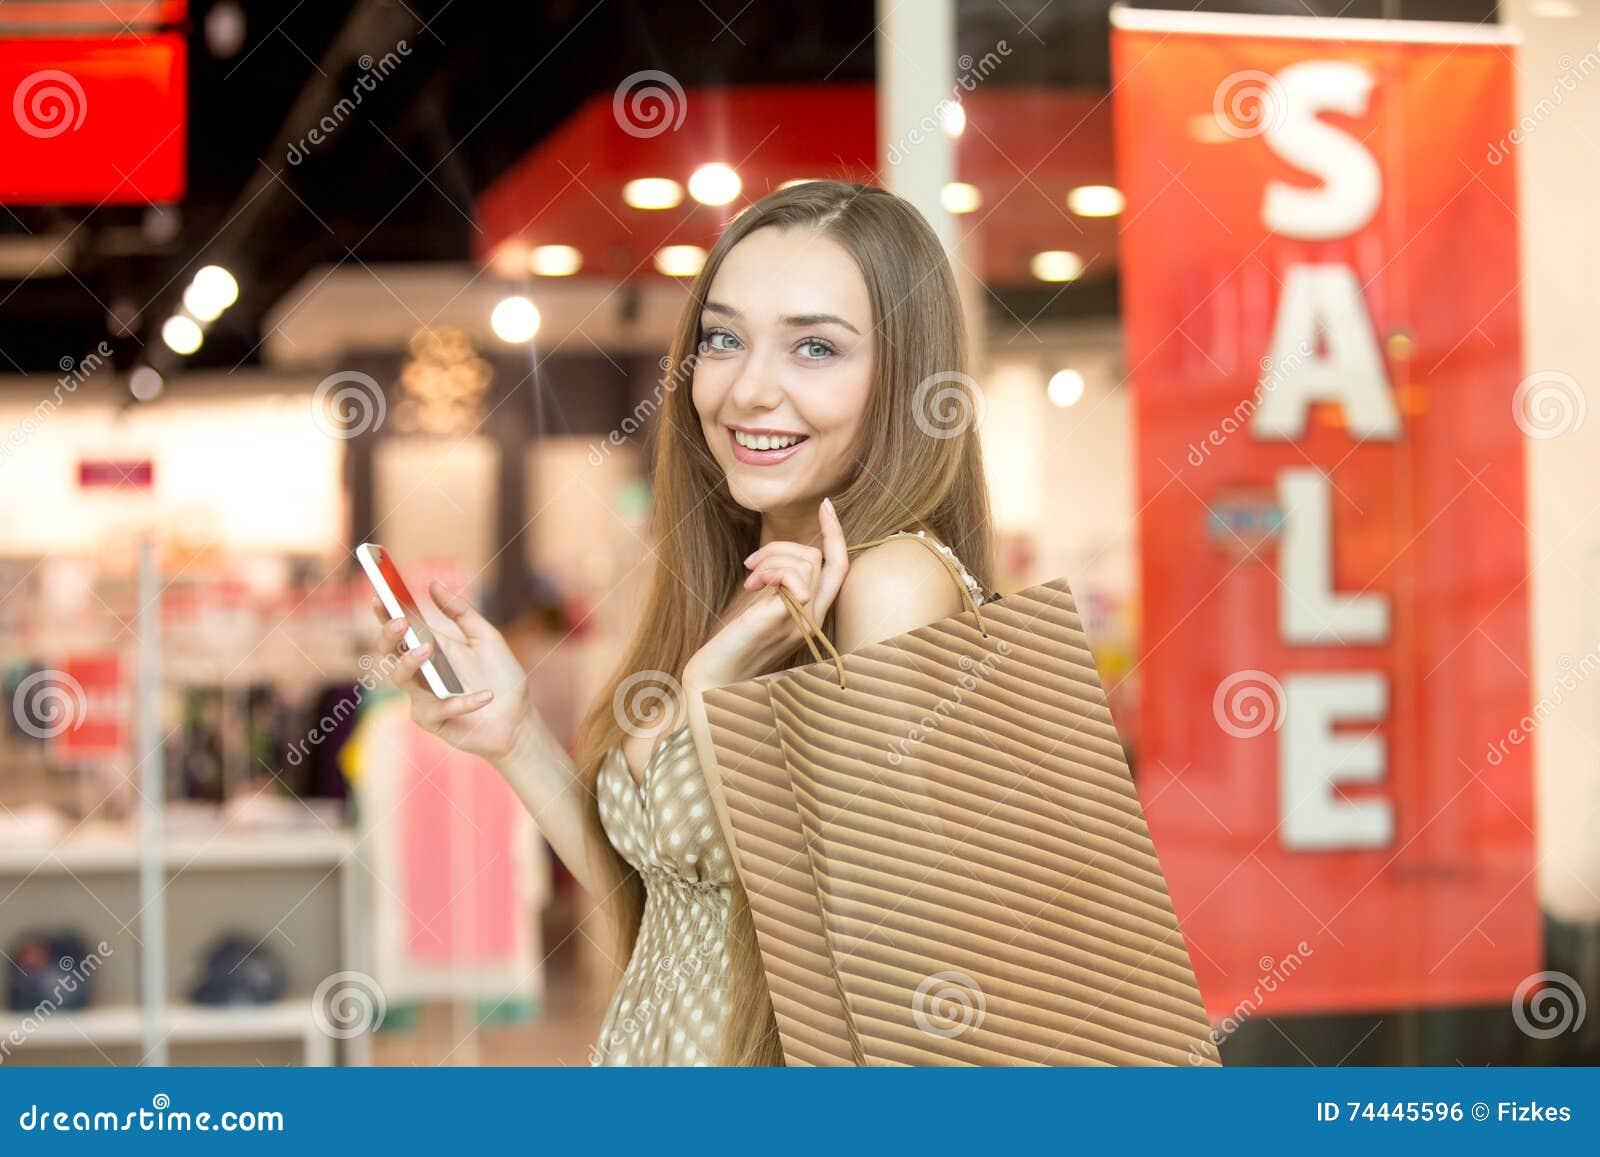 Νέα γυναίκα σε ένα εμπορικό κέντρο που κρατά ένα τηλεφωνικό χαμόγελο